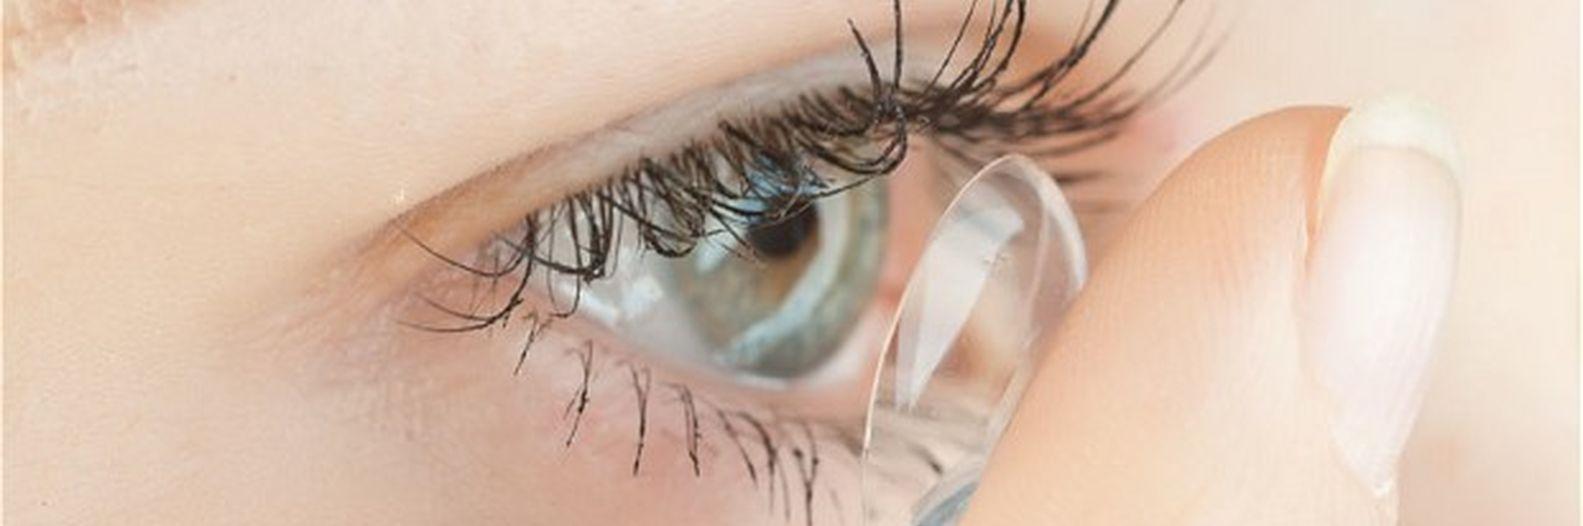 Porter des lentilles de contact : attention à leur entretien